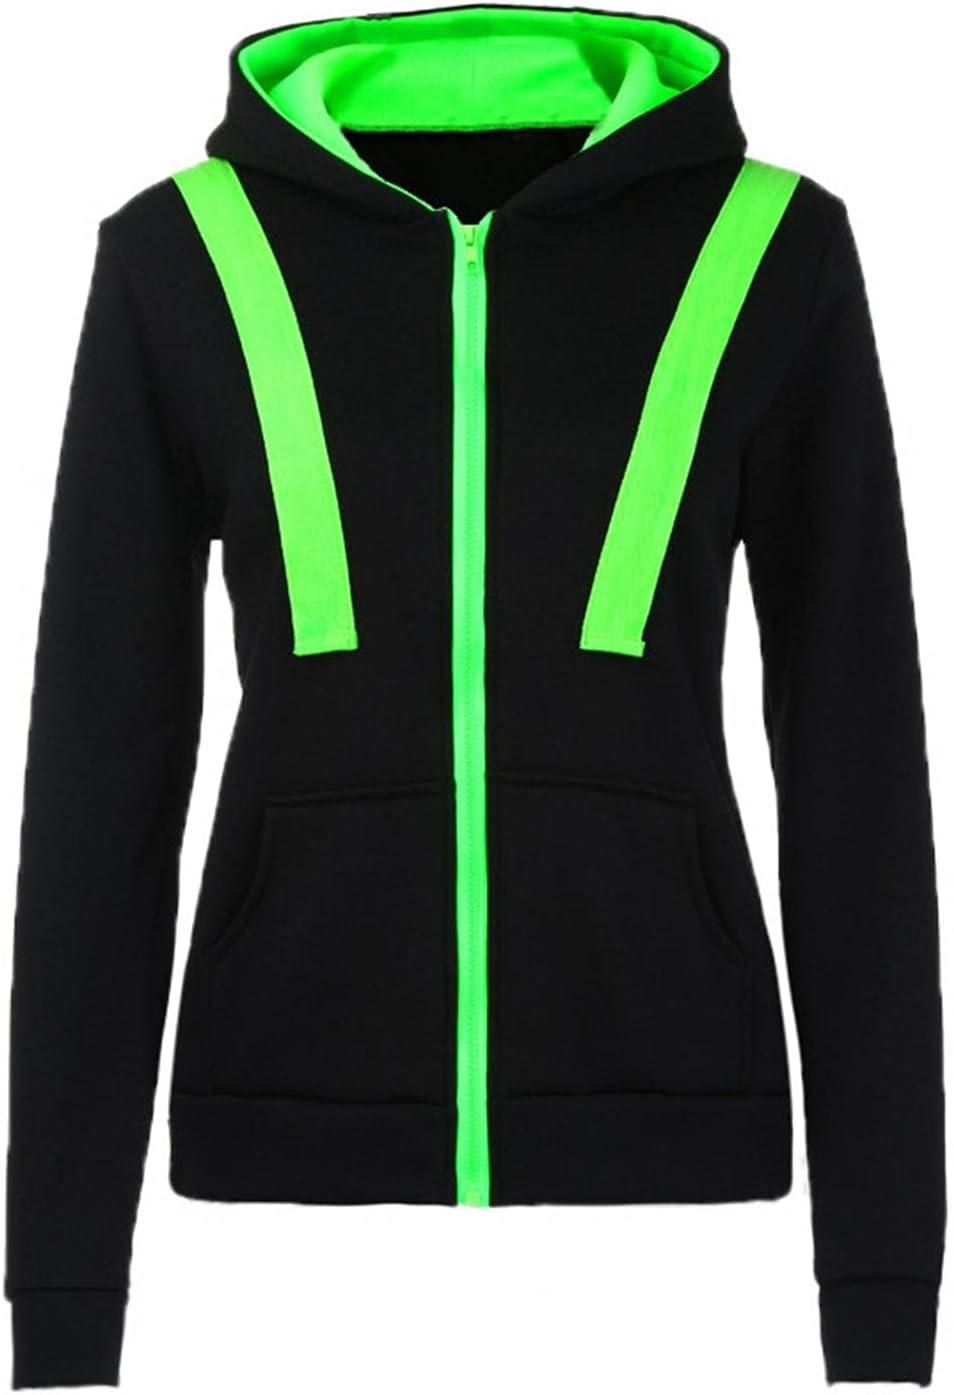 Nulairt Womens Active Slim Fit Zip up Long Sleeve Hoodie Jacket Black